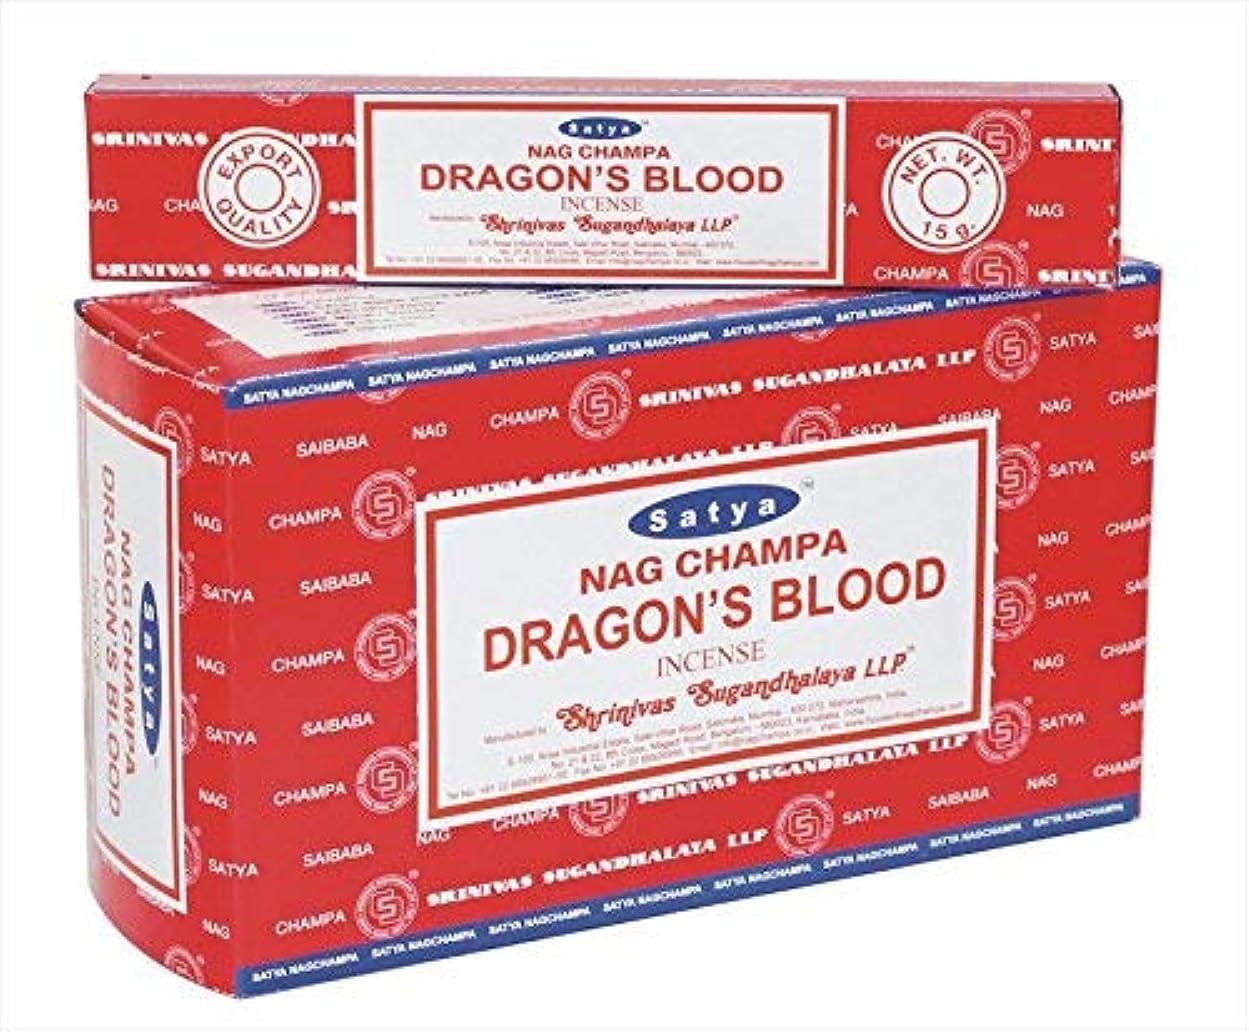 電極キルス司書Satya Sai Baba Nagchampa Dragon Blood incense sticks Fragrance Agarbatti – パックof 12ボックス( 15各) GM - 180 gm